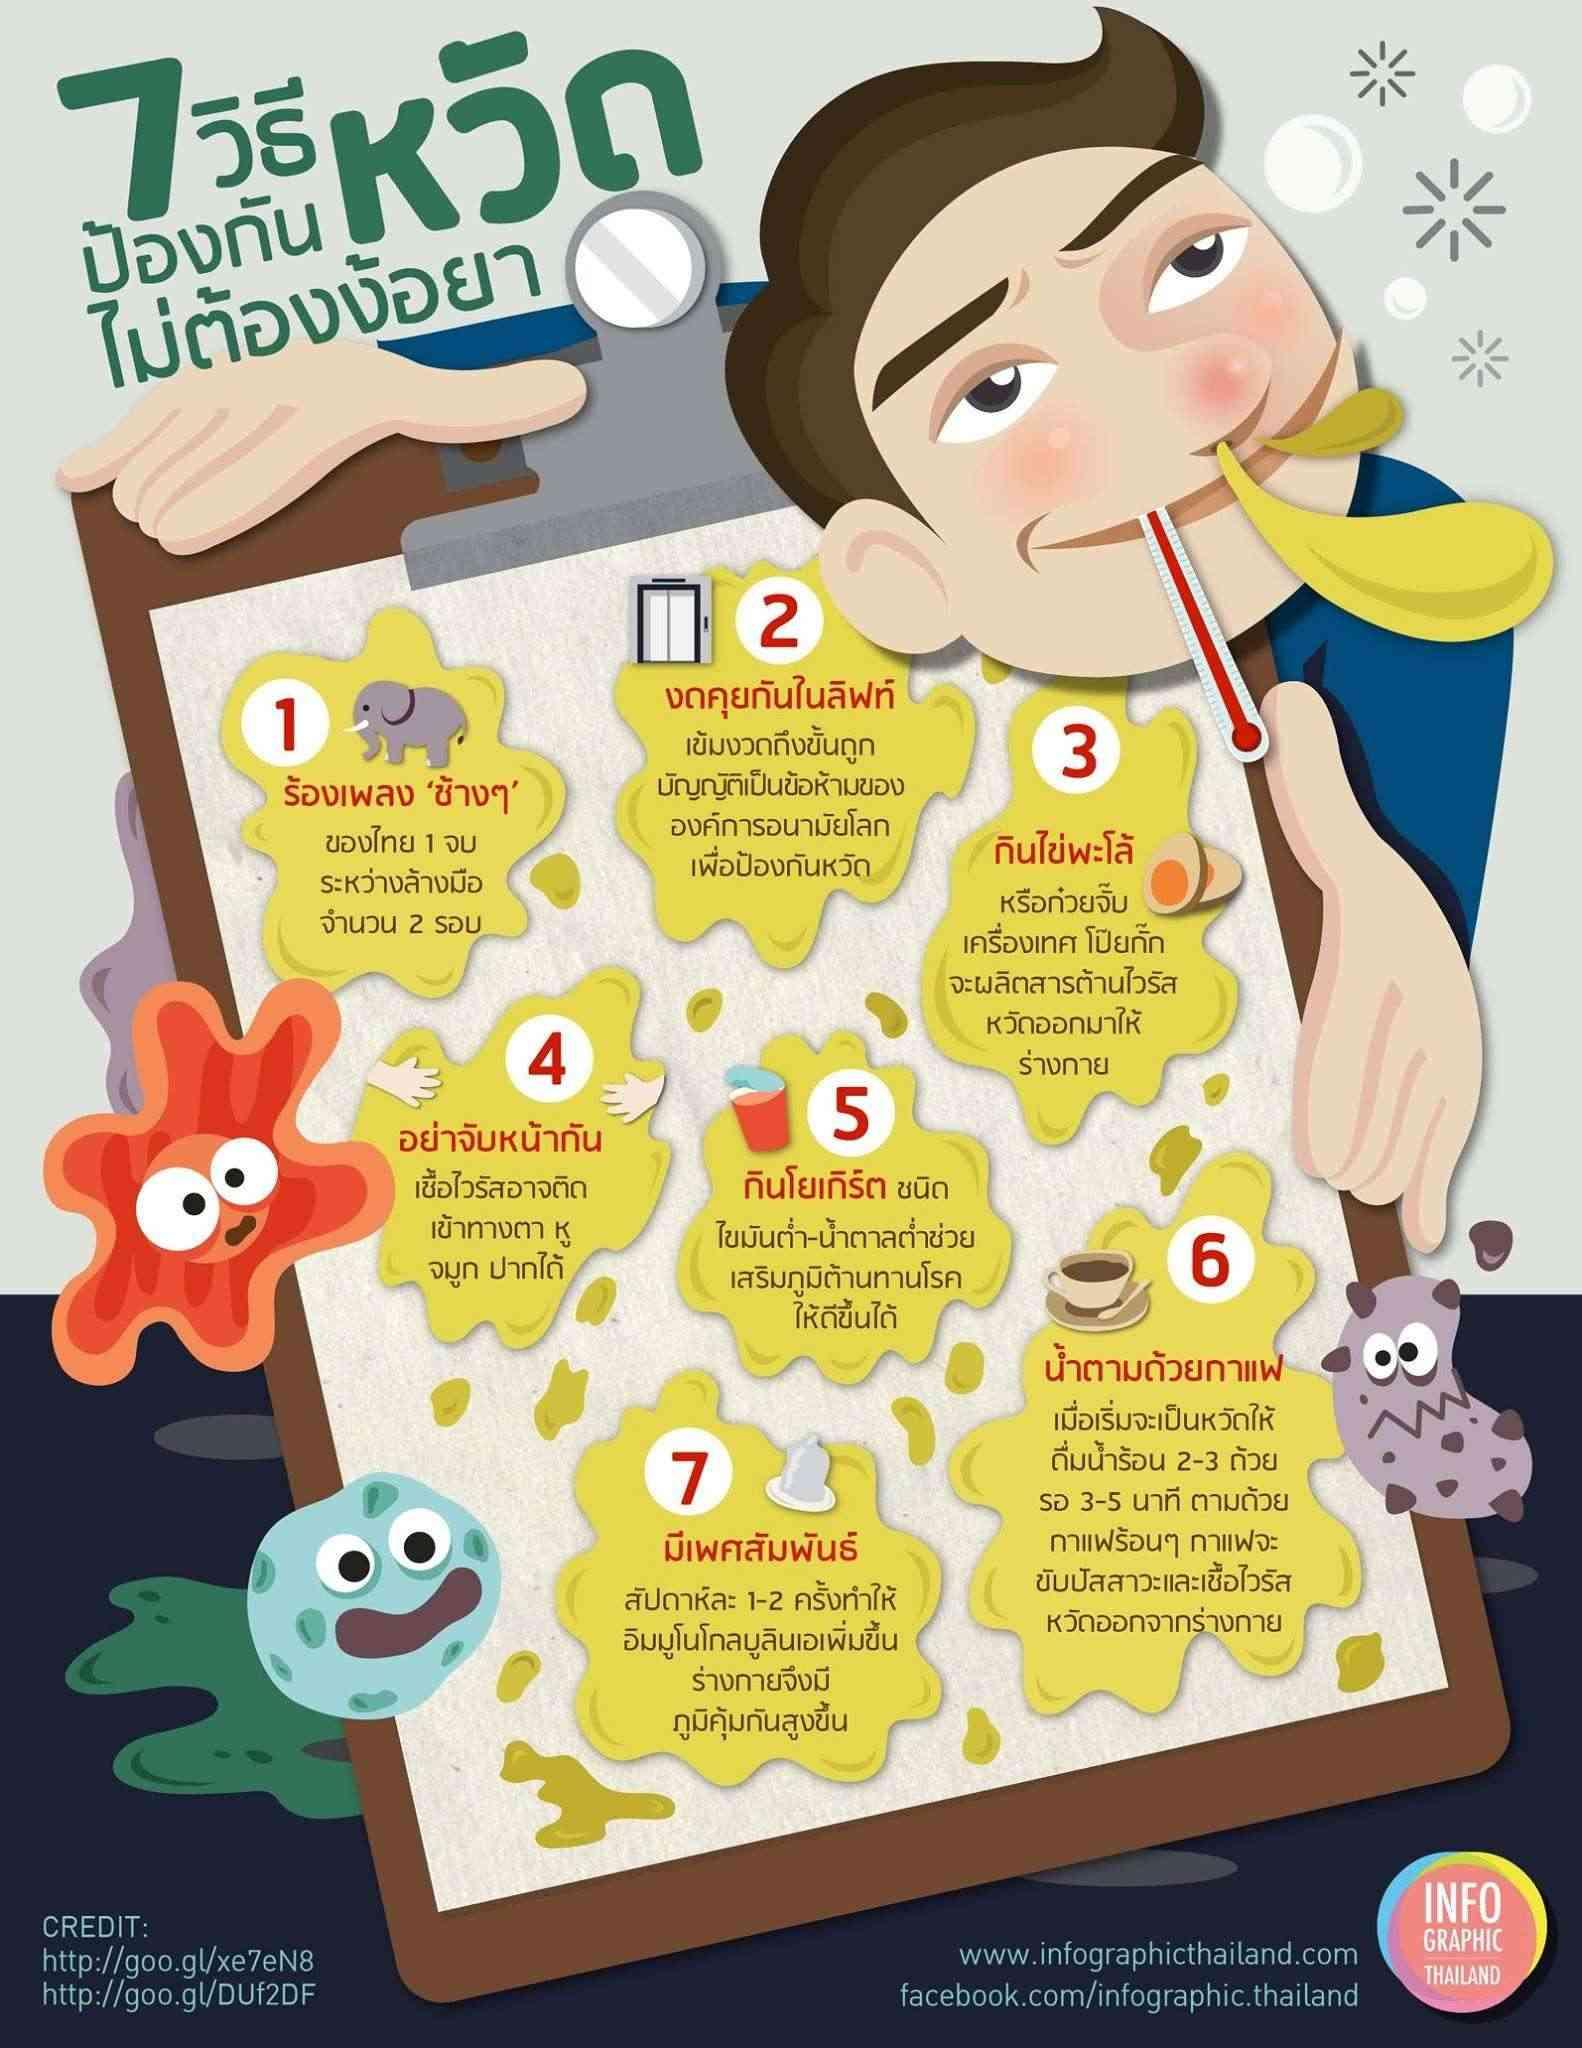 7 วิธีป้องกันหวัด โดยไม่ต้องง้อยา 16552110